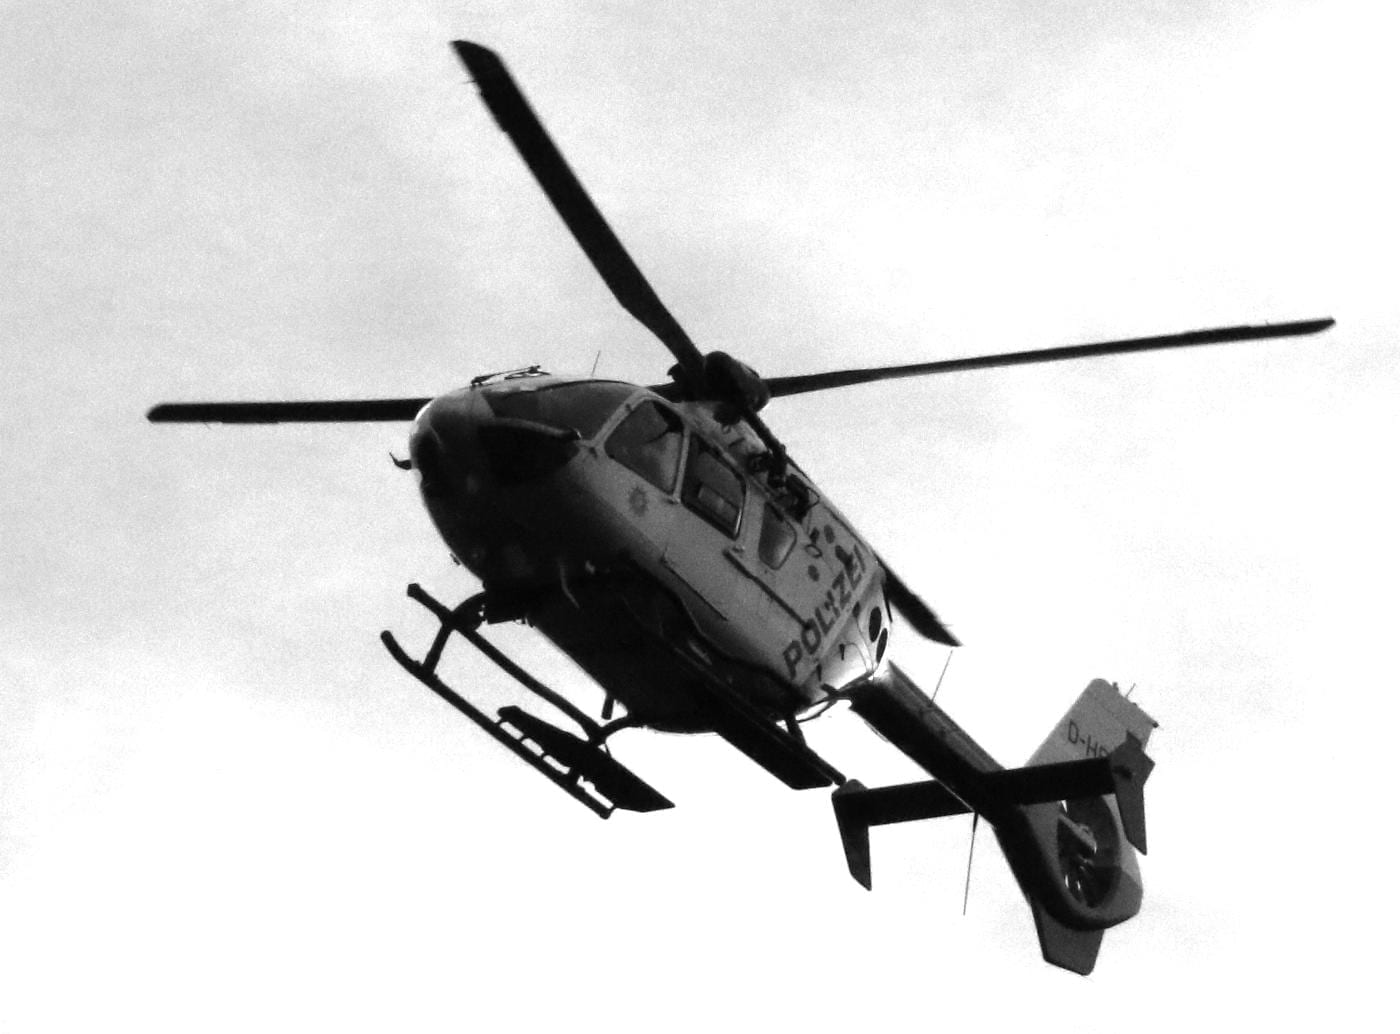 Polizeihubschrauber in der Luft